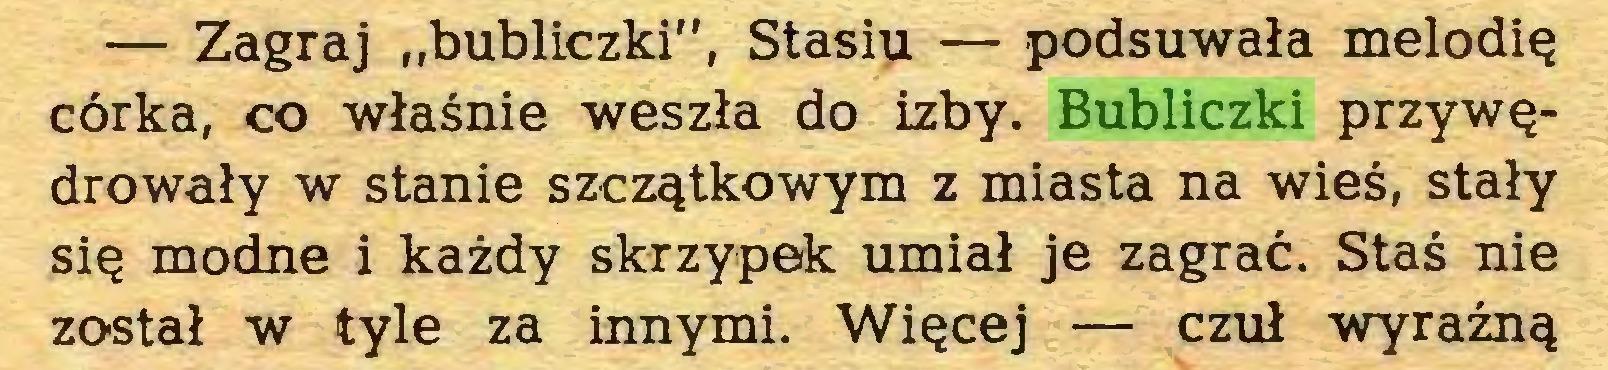 """(...) — Zagraj """"bubliczki"""", Stasiu — podsuwała melodię córka, co właśnie weszła do izby. Bubliczki przywędrowały w stanie szczątkowym z miasta na wieś, stały się modne i każdy skrzypek umiał je zagrać. Staś nie został w tyle za innymi. Więcej — czuł wyraźną..."""